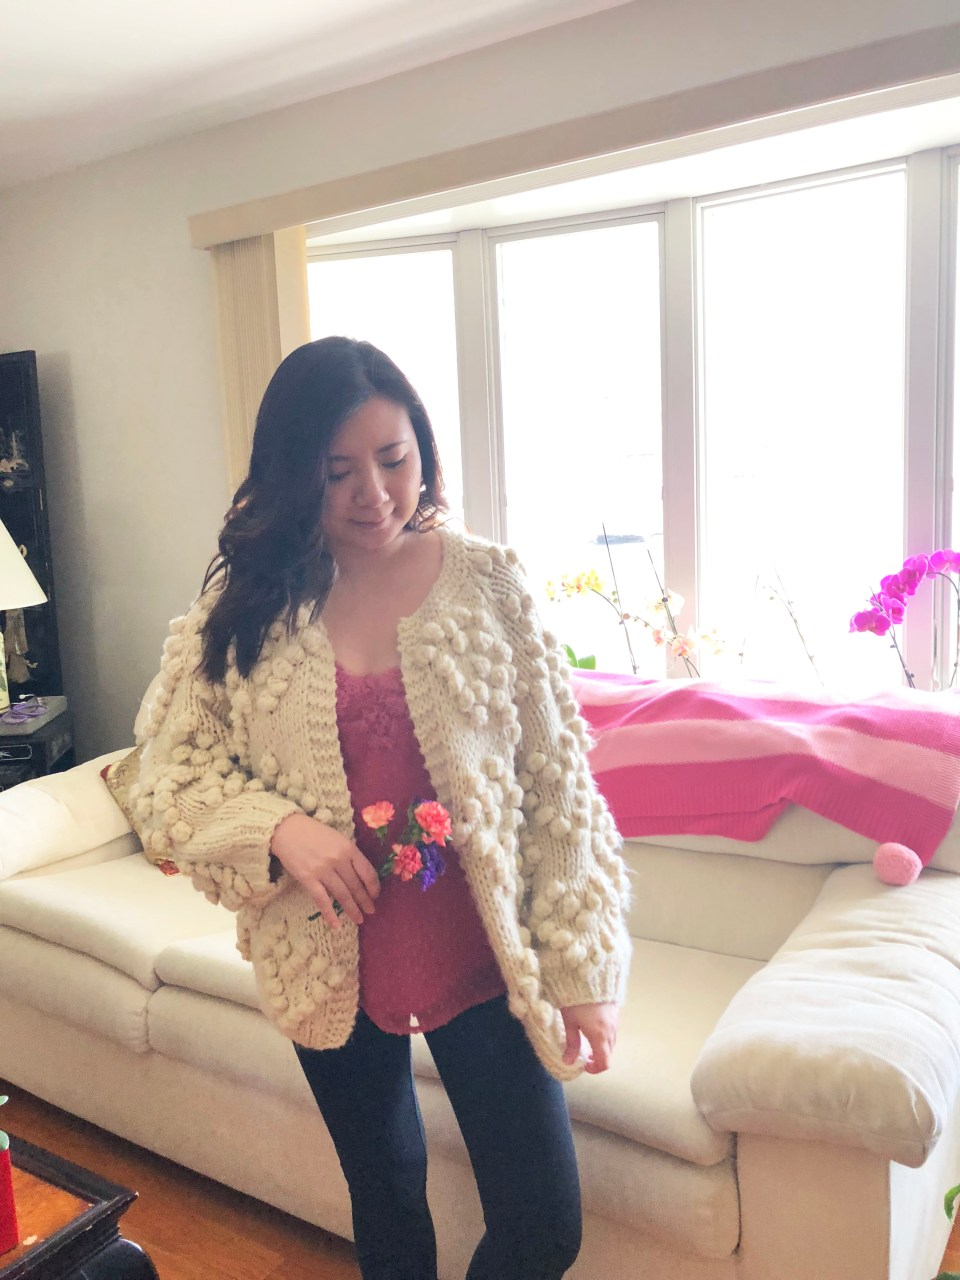 Lace Dot Cami + Heart Pompom Cardigan 11